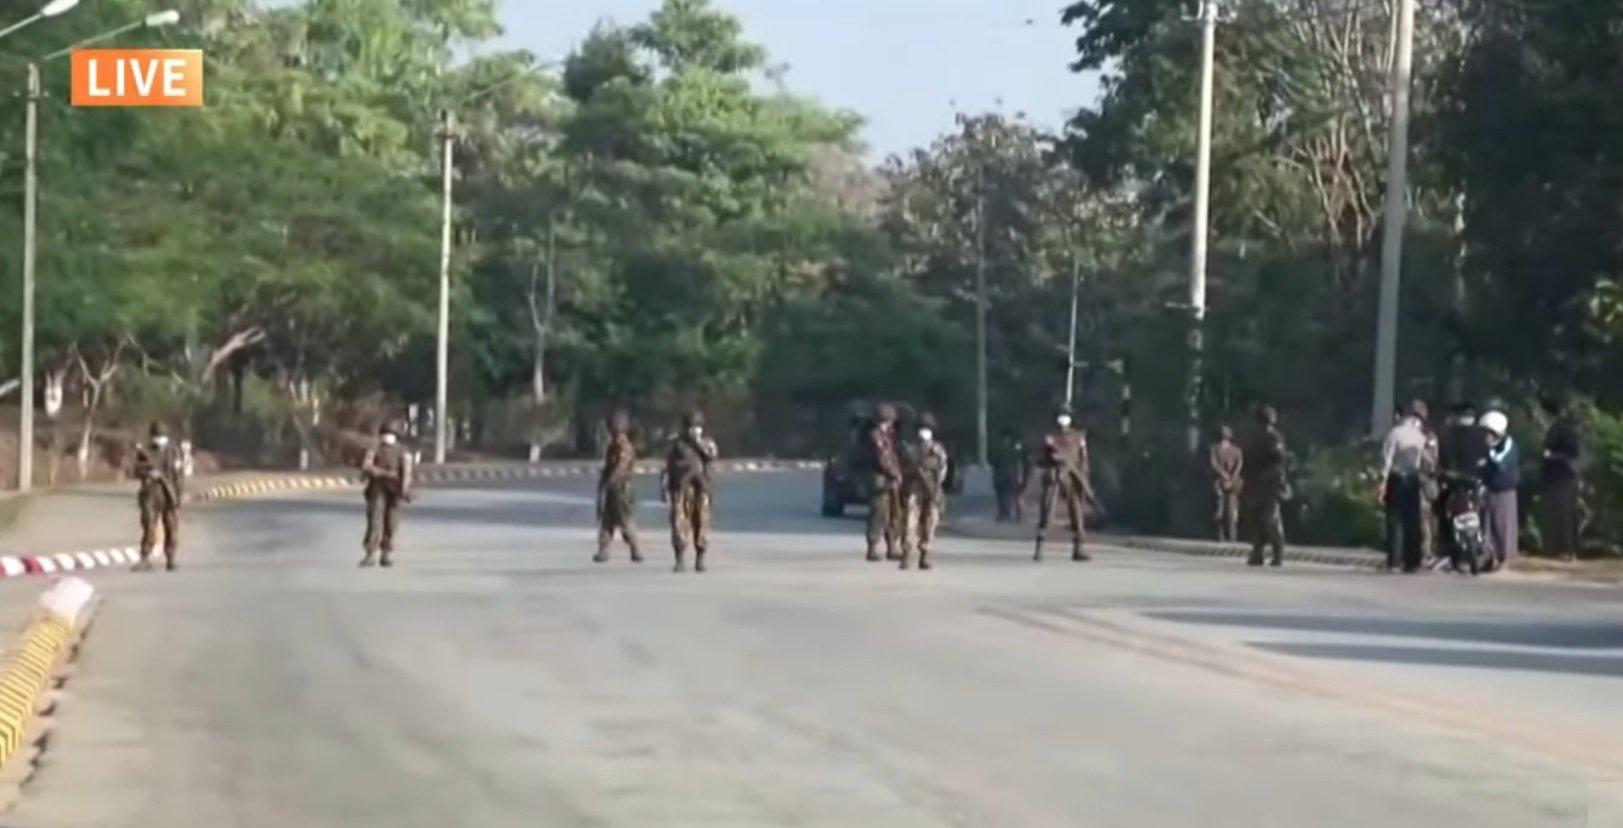 緬甸2月1日驚傳政變,並宣布實施為期一年的緊急狀態。(希望之聲視頻截圖)